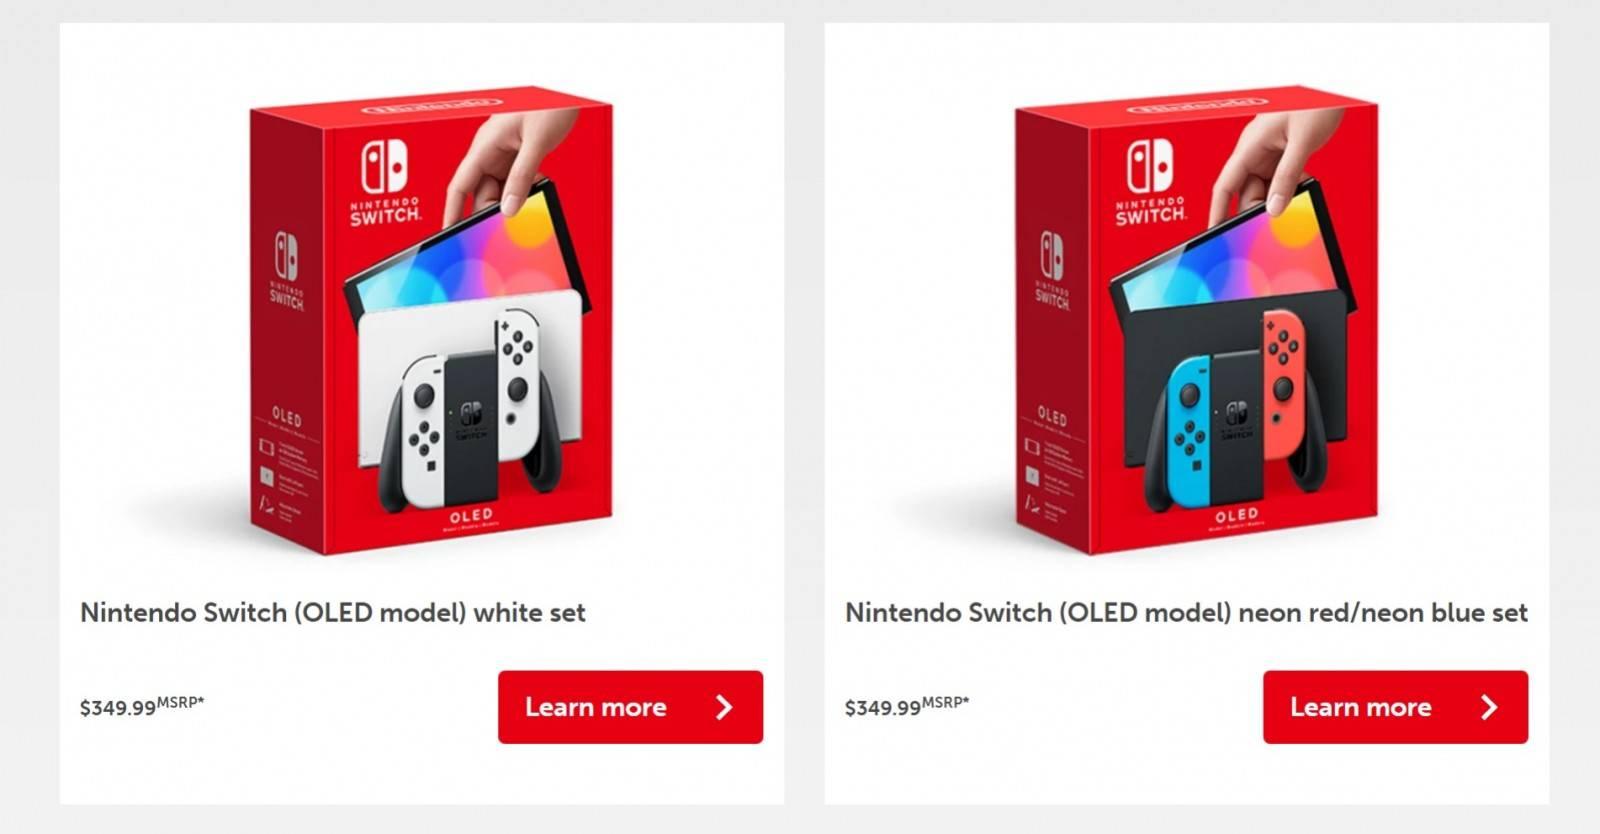 Este es el nuevo modelo del Nintendo Switch: OLED 4